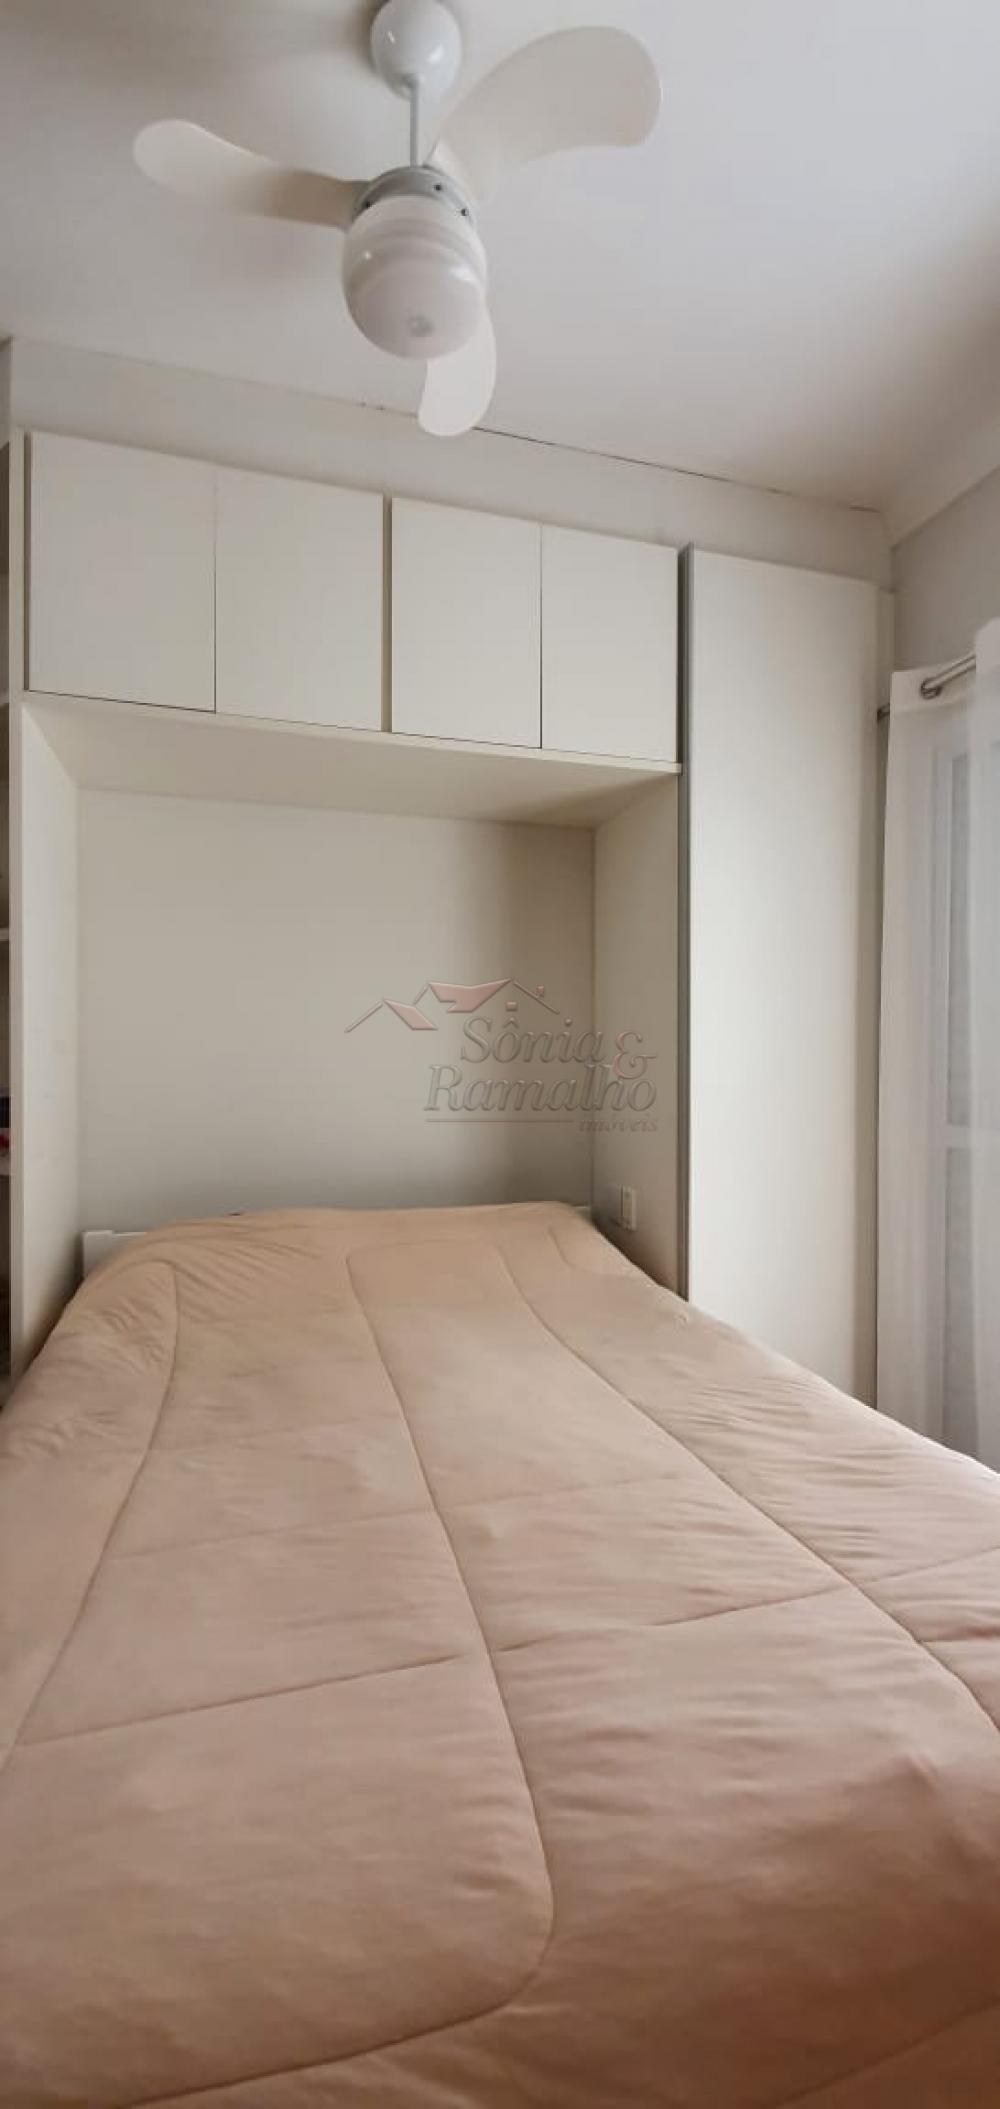 Alugar Apartamentos / Padrão em Ribeirão Preto apenas R$ 777,77 - Foto 14